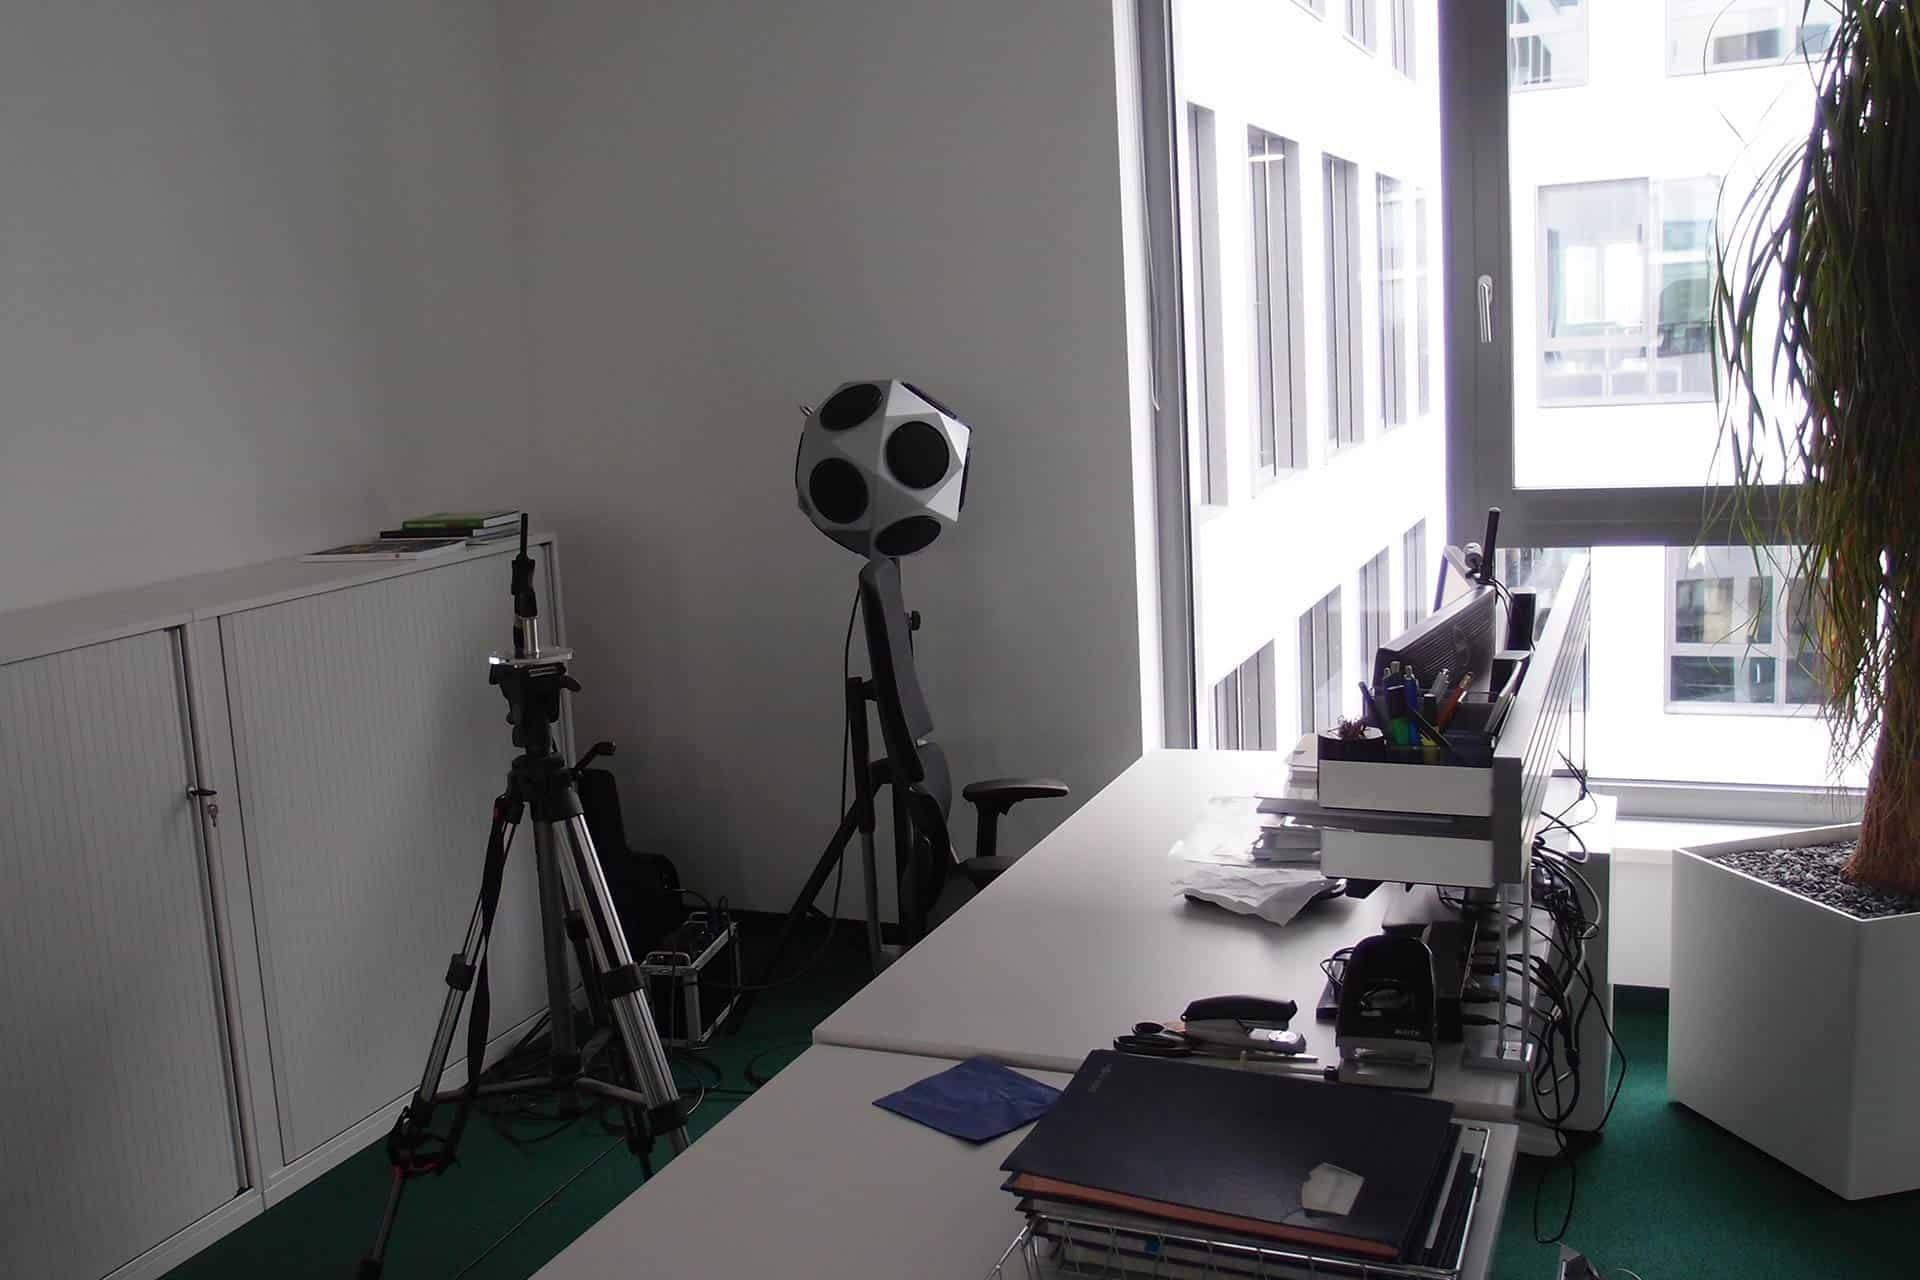 Unsere Ausstattung, Geräte zur Akustikmessung, Schallpegelmesser, Raumakustikanalyse, Aufnahme im Büro